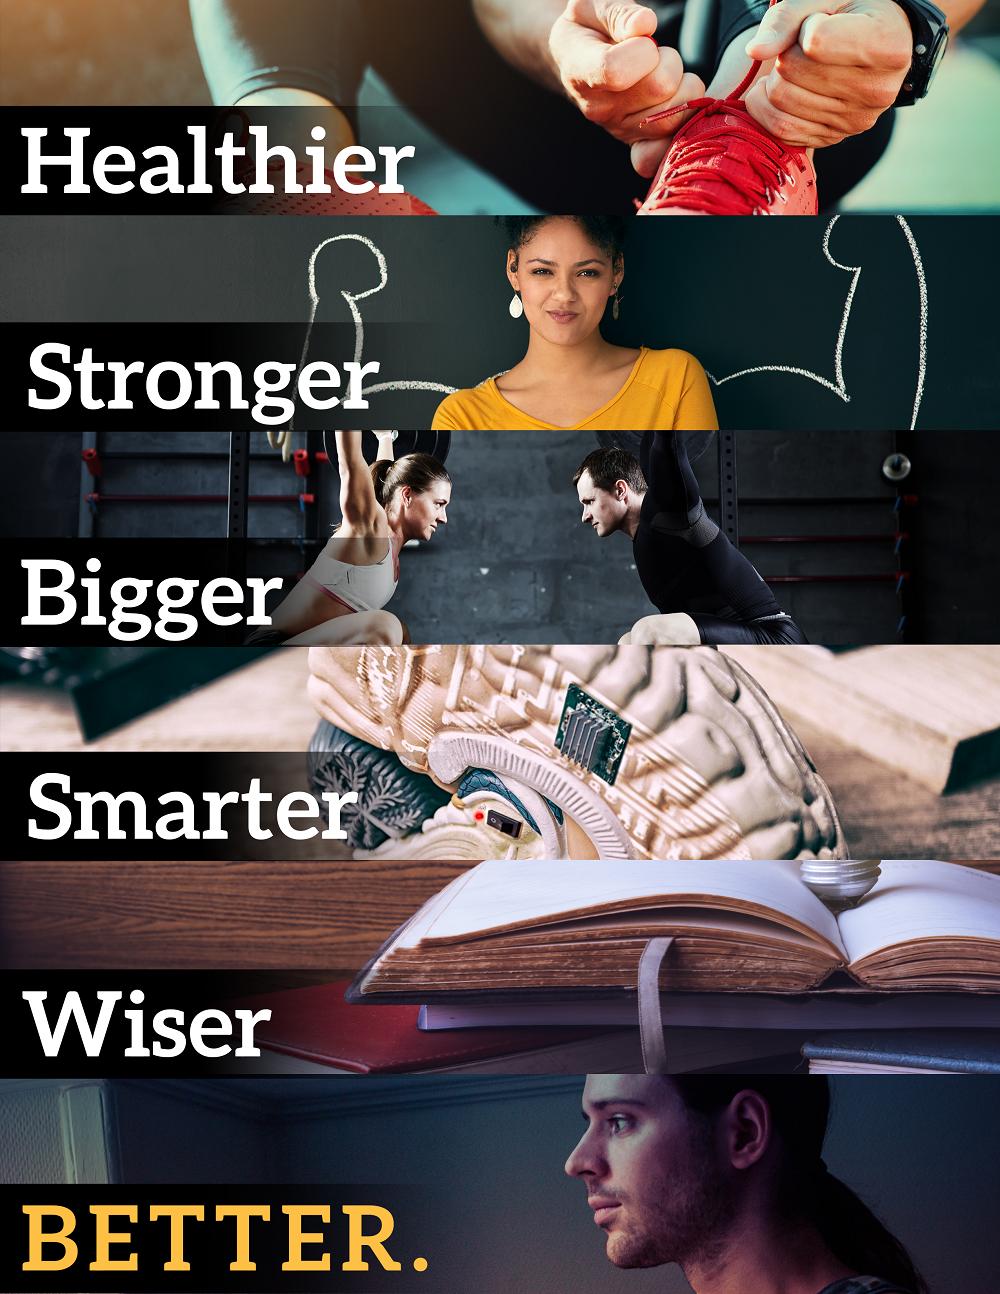 better-healthier-bigger-stronger-smarter-wiser